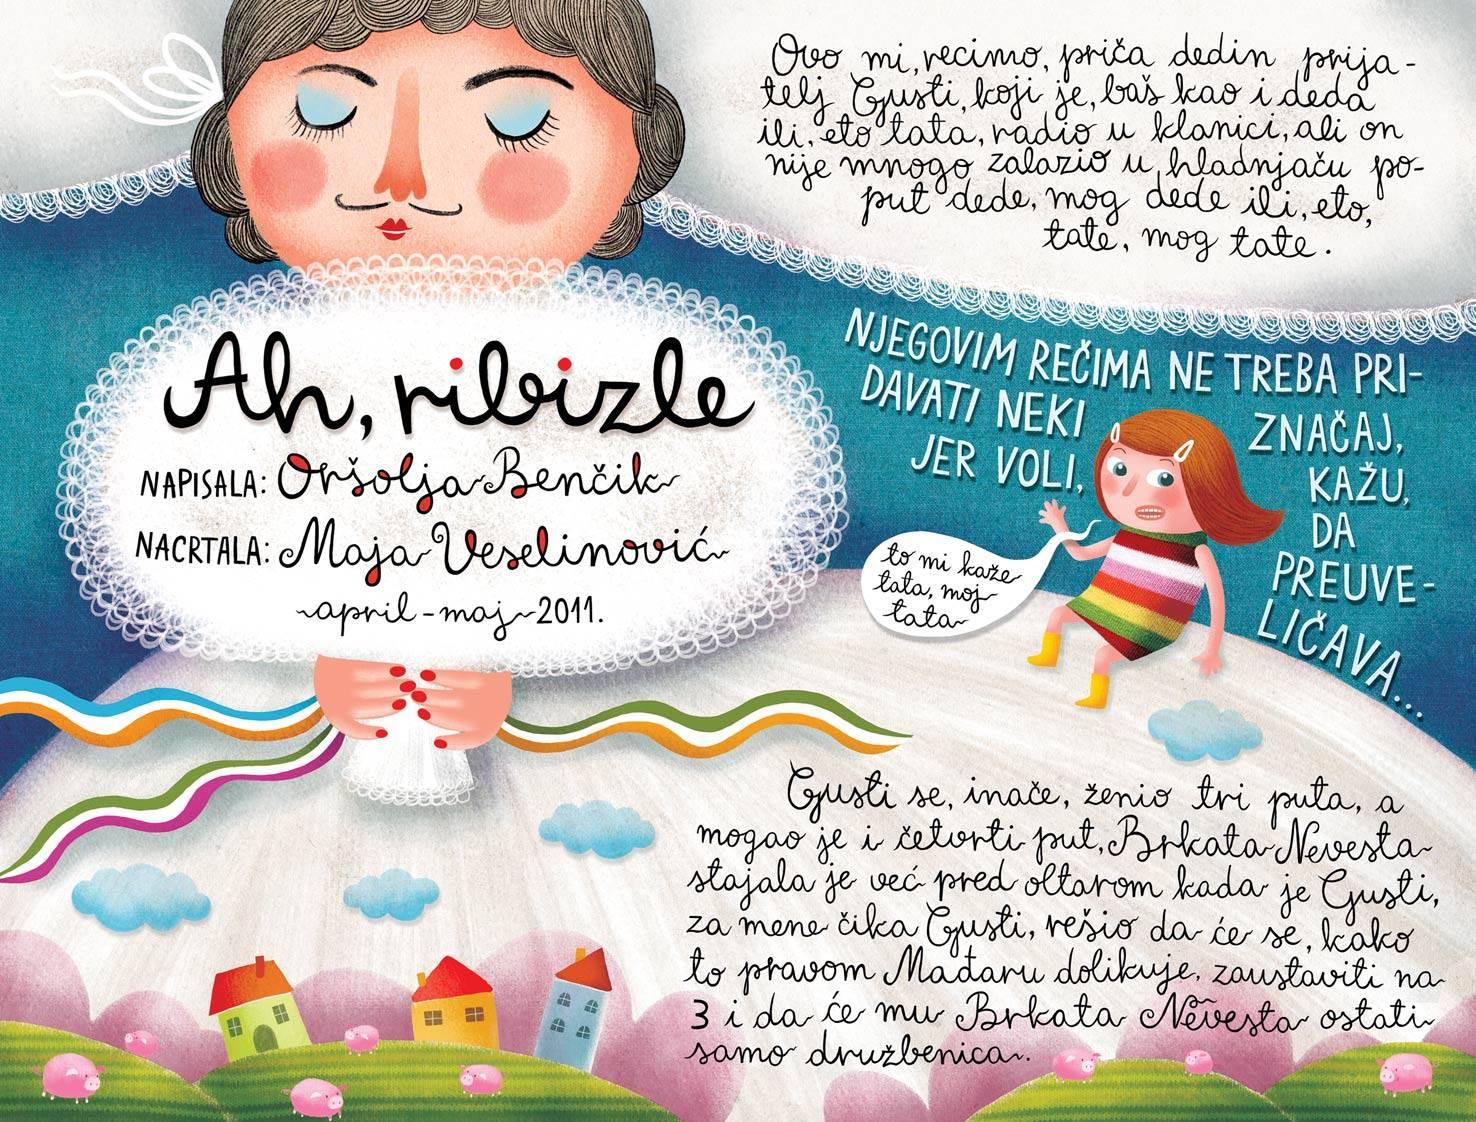 O, a ribiszke! c kisprozamnak kepregenyes valtozata_Maja Veselinovic belgradi kepzomuvesz munkaja 3.jpg